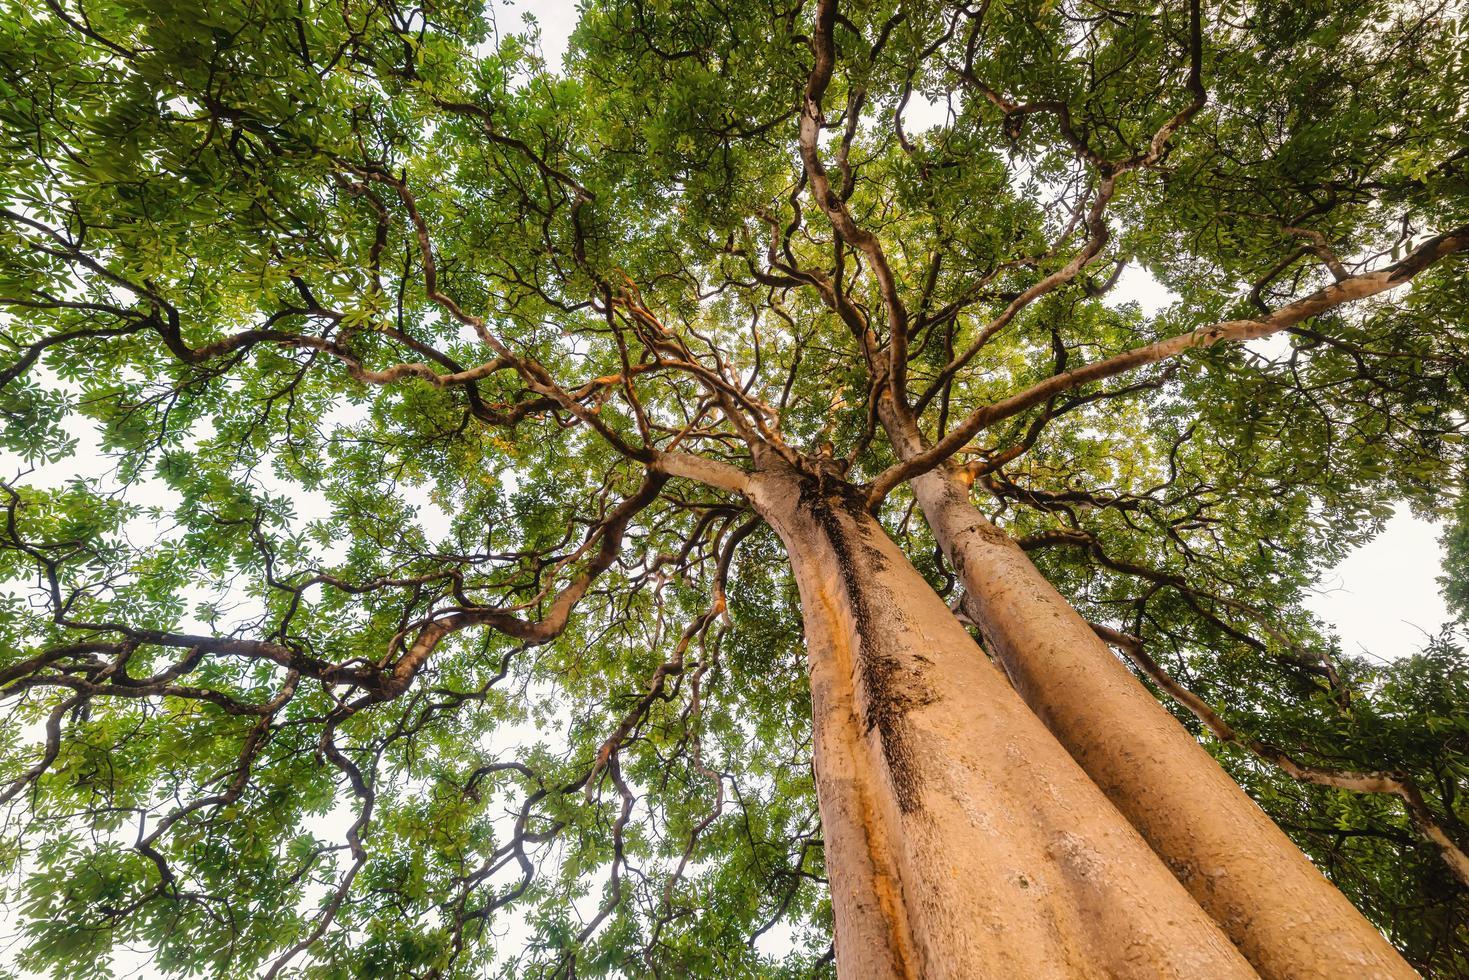 tronc d'arbre avec de nombreuses branches photo